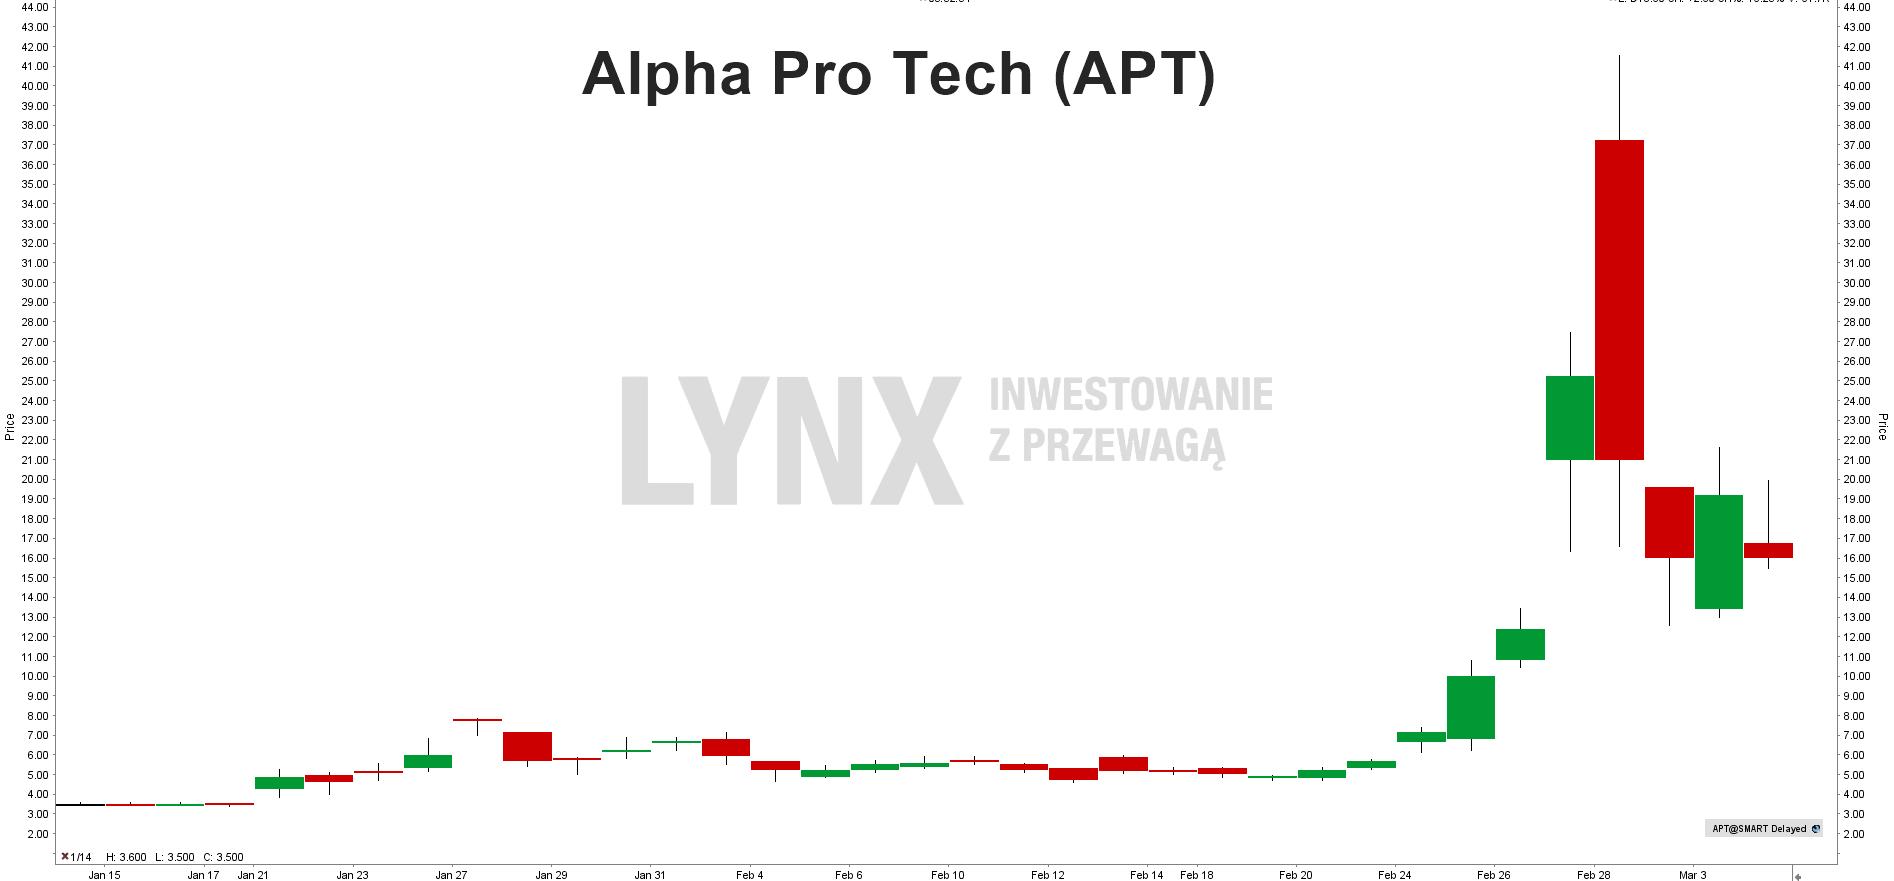 Akcje Alpha Pro Tech (APT)